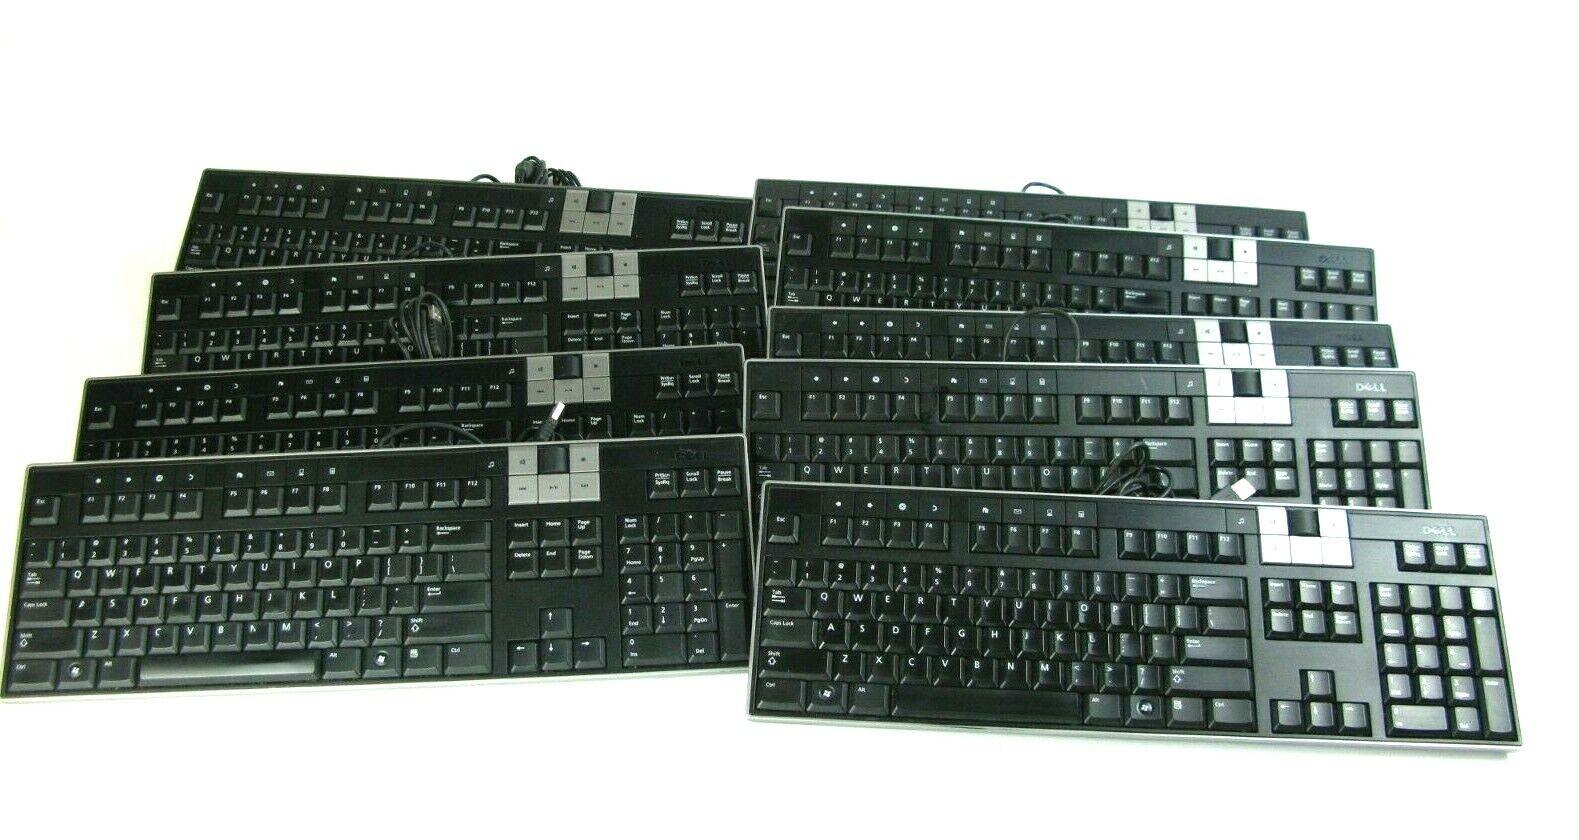 Dell Y-U0003-DEL5 U473D Enhanced Multimedia USB Keyboard 2 USB Ports (Lot of 10). Buy it now for 45.00